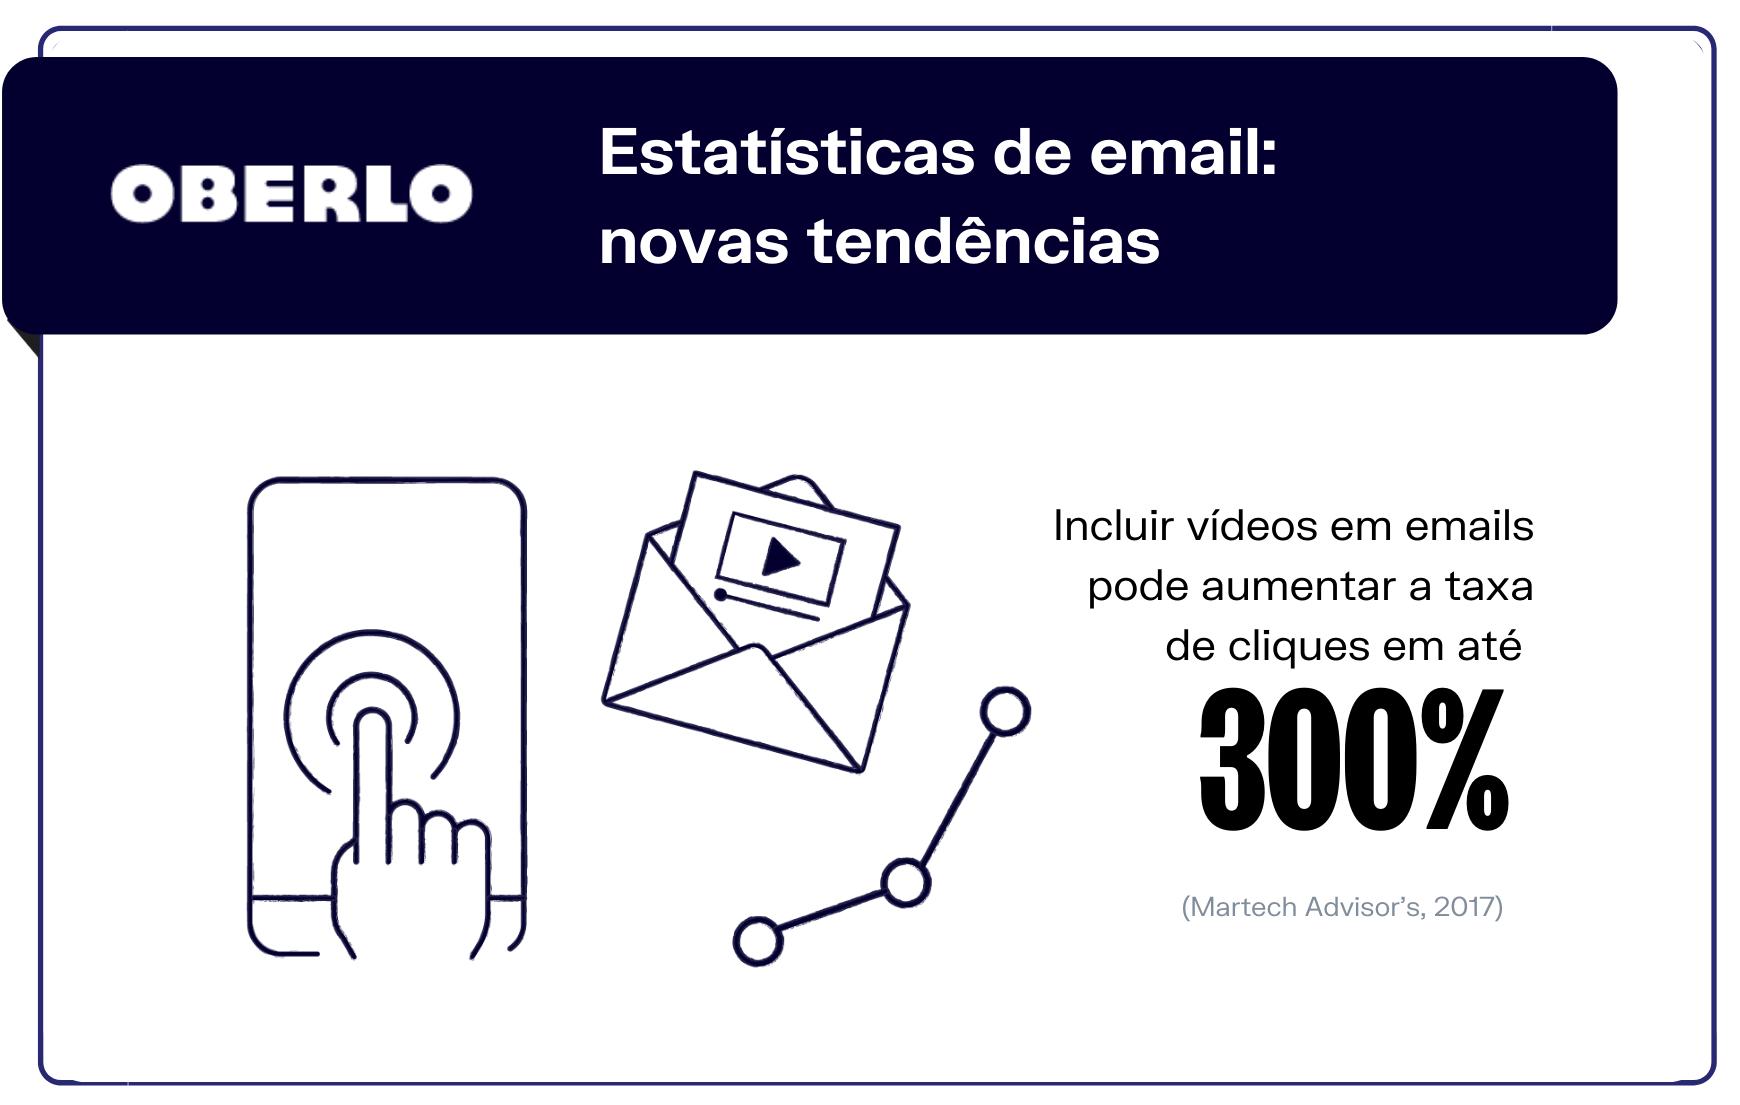 Estatísticas de email: novas tendências